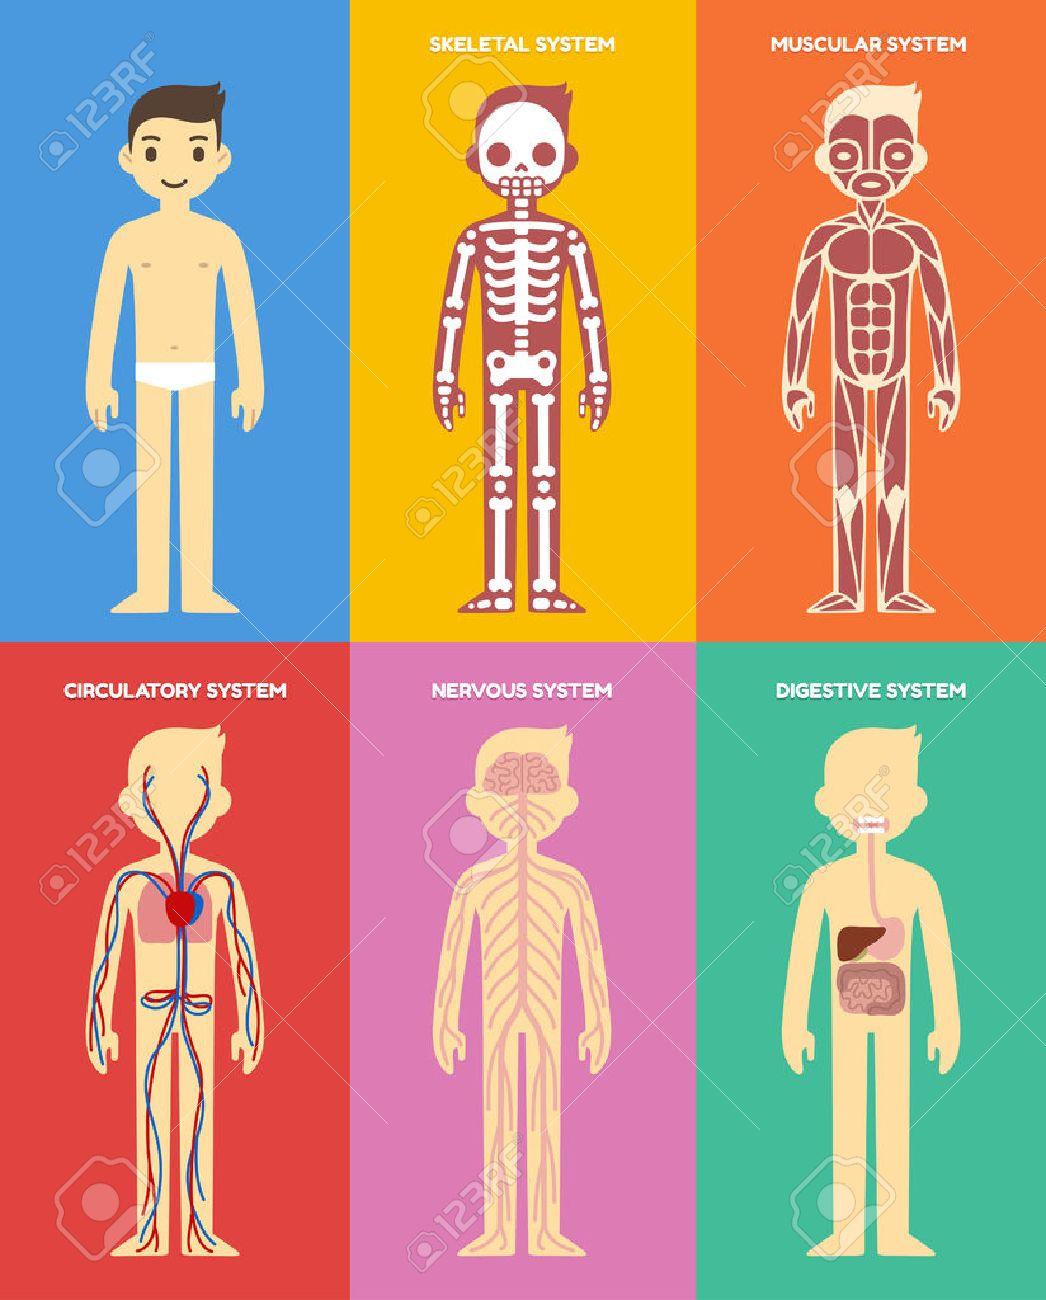 stylized human body anatomy chart: skeletal, muscular, circulatory, Muscles